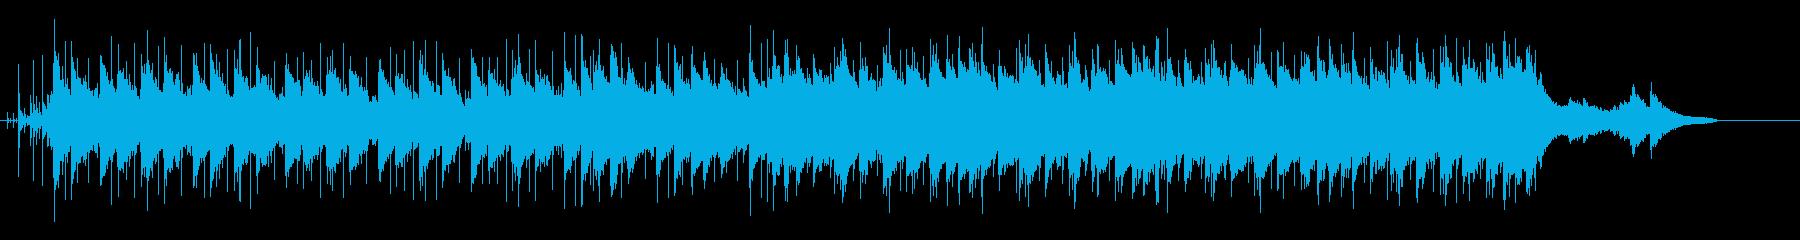 ソフト&メロウなアダルトコンテンポラリーの再生済みの波形